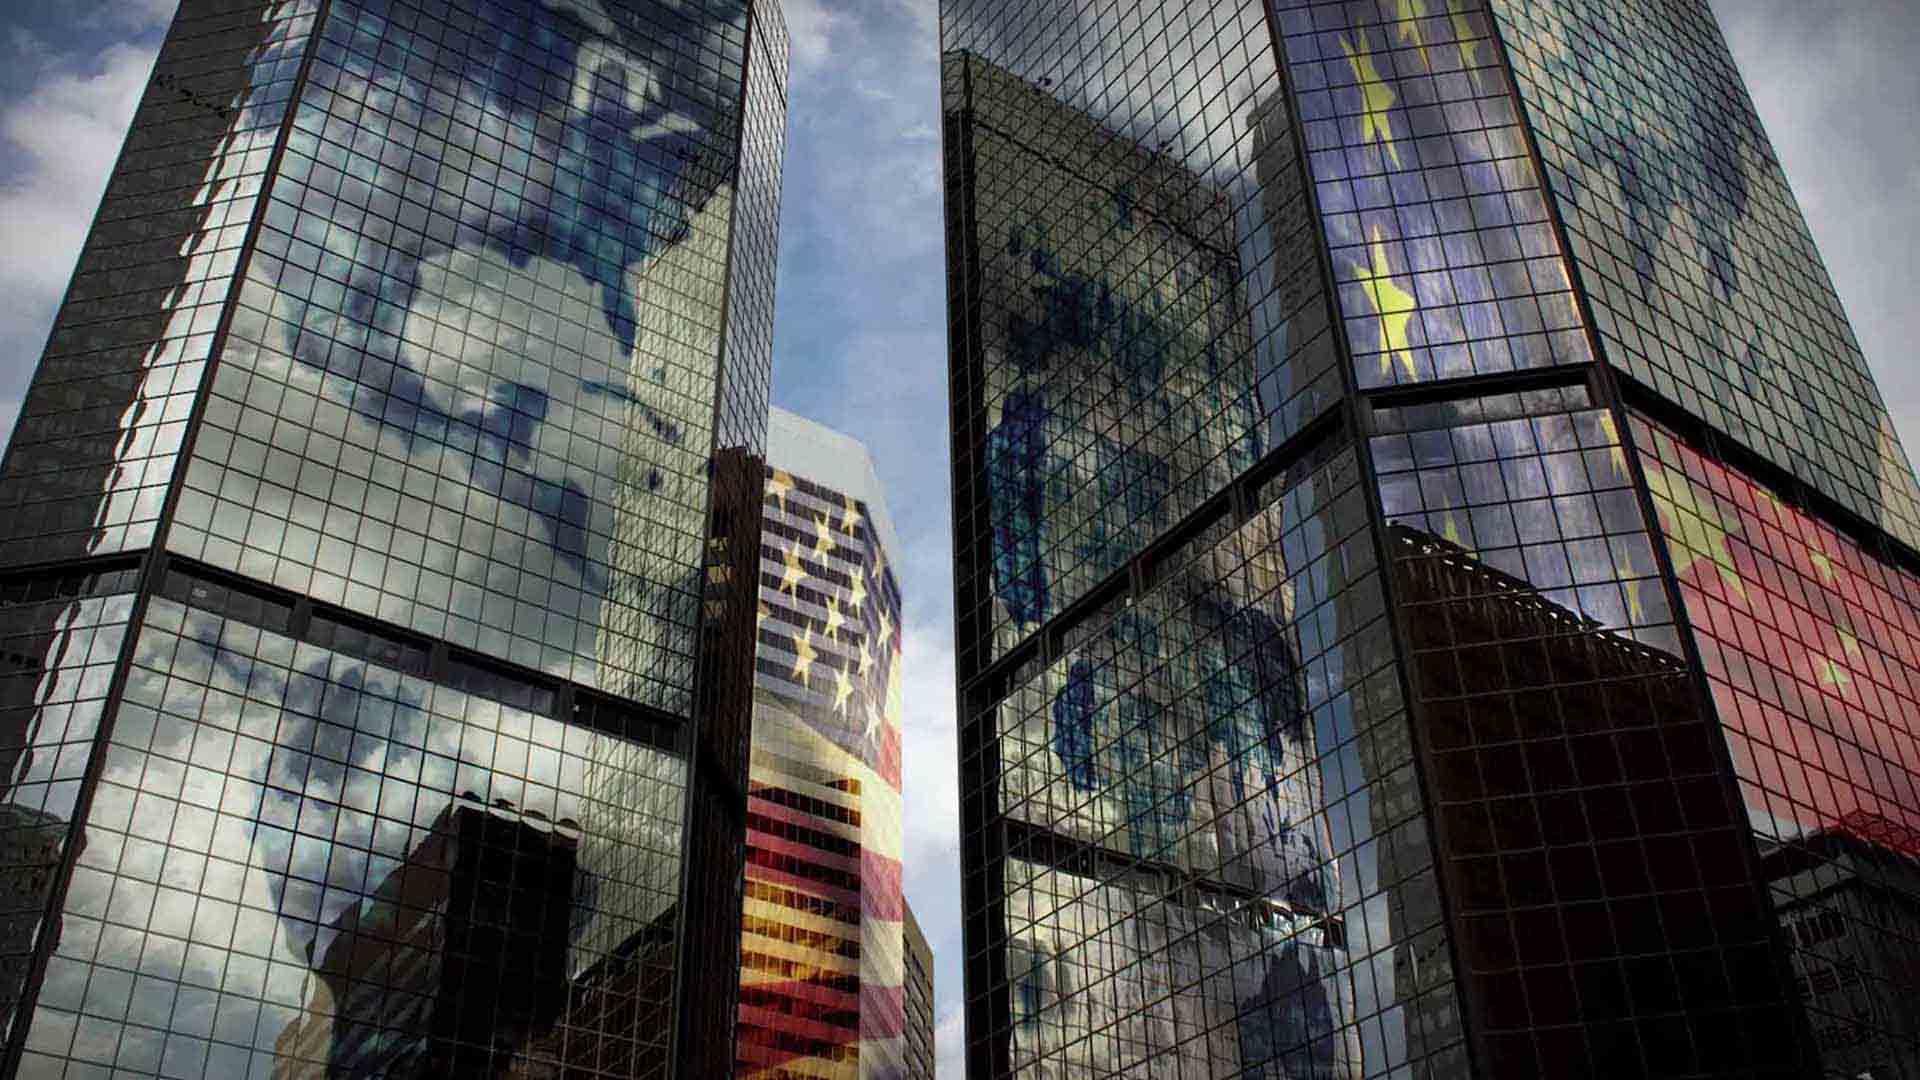 Das Bild zeigt Hochhäuser, es sind drei stück. Diese bestehen komplett aus Glas. Da sie aus Glas bestehen spiegelt sich der Himmel in ihnen wieder. Das Bild dient als Sliderbild für den Portfolioeintrag SupplyOn - Supply Chain Management Imagefilm von Panda Pictures.